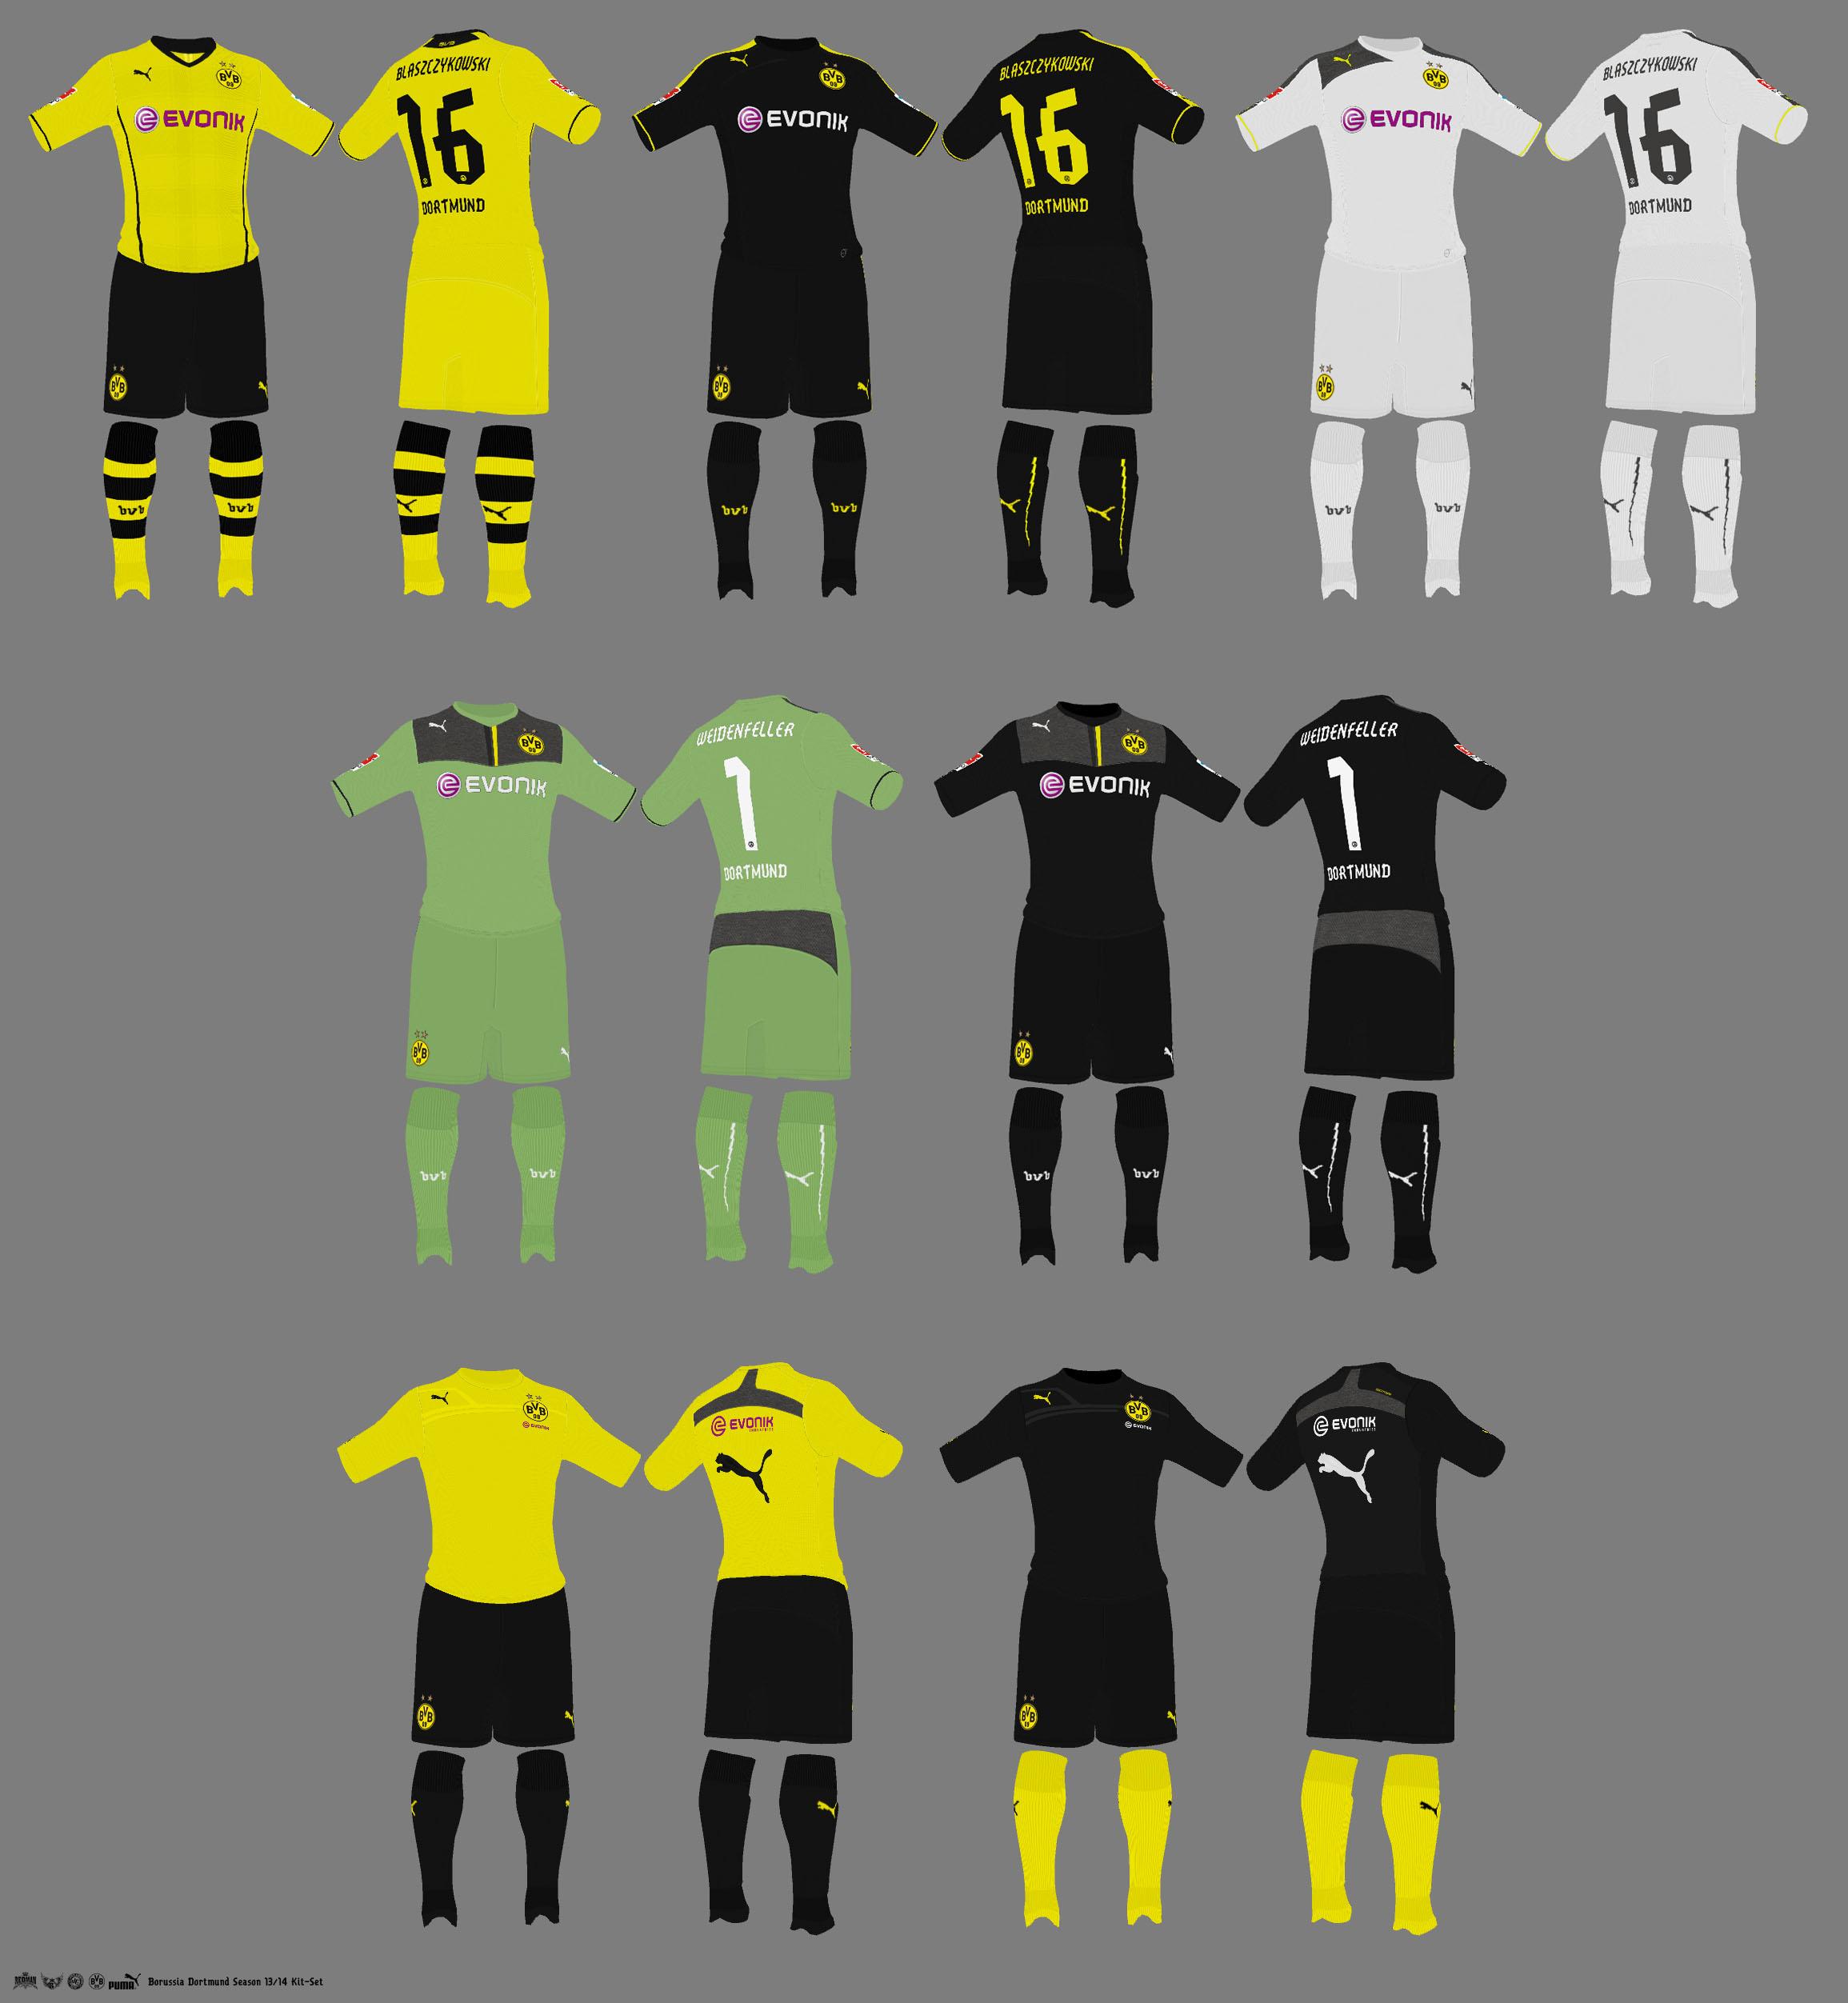 Боруссия дортмунд форма в фифа 08